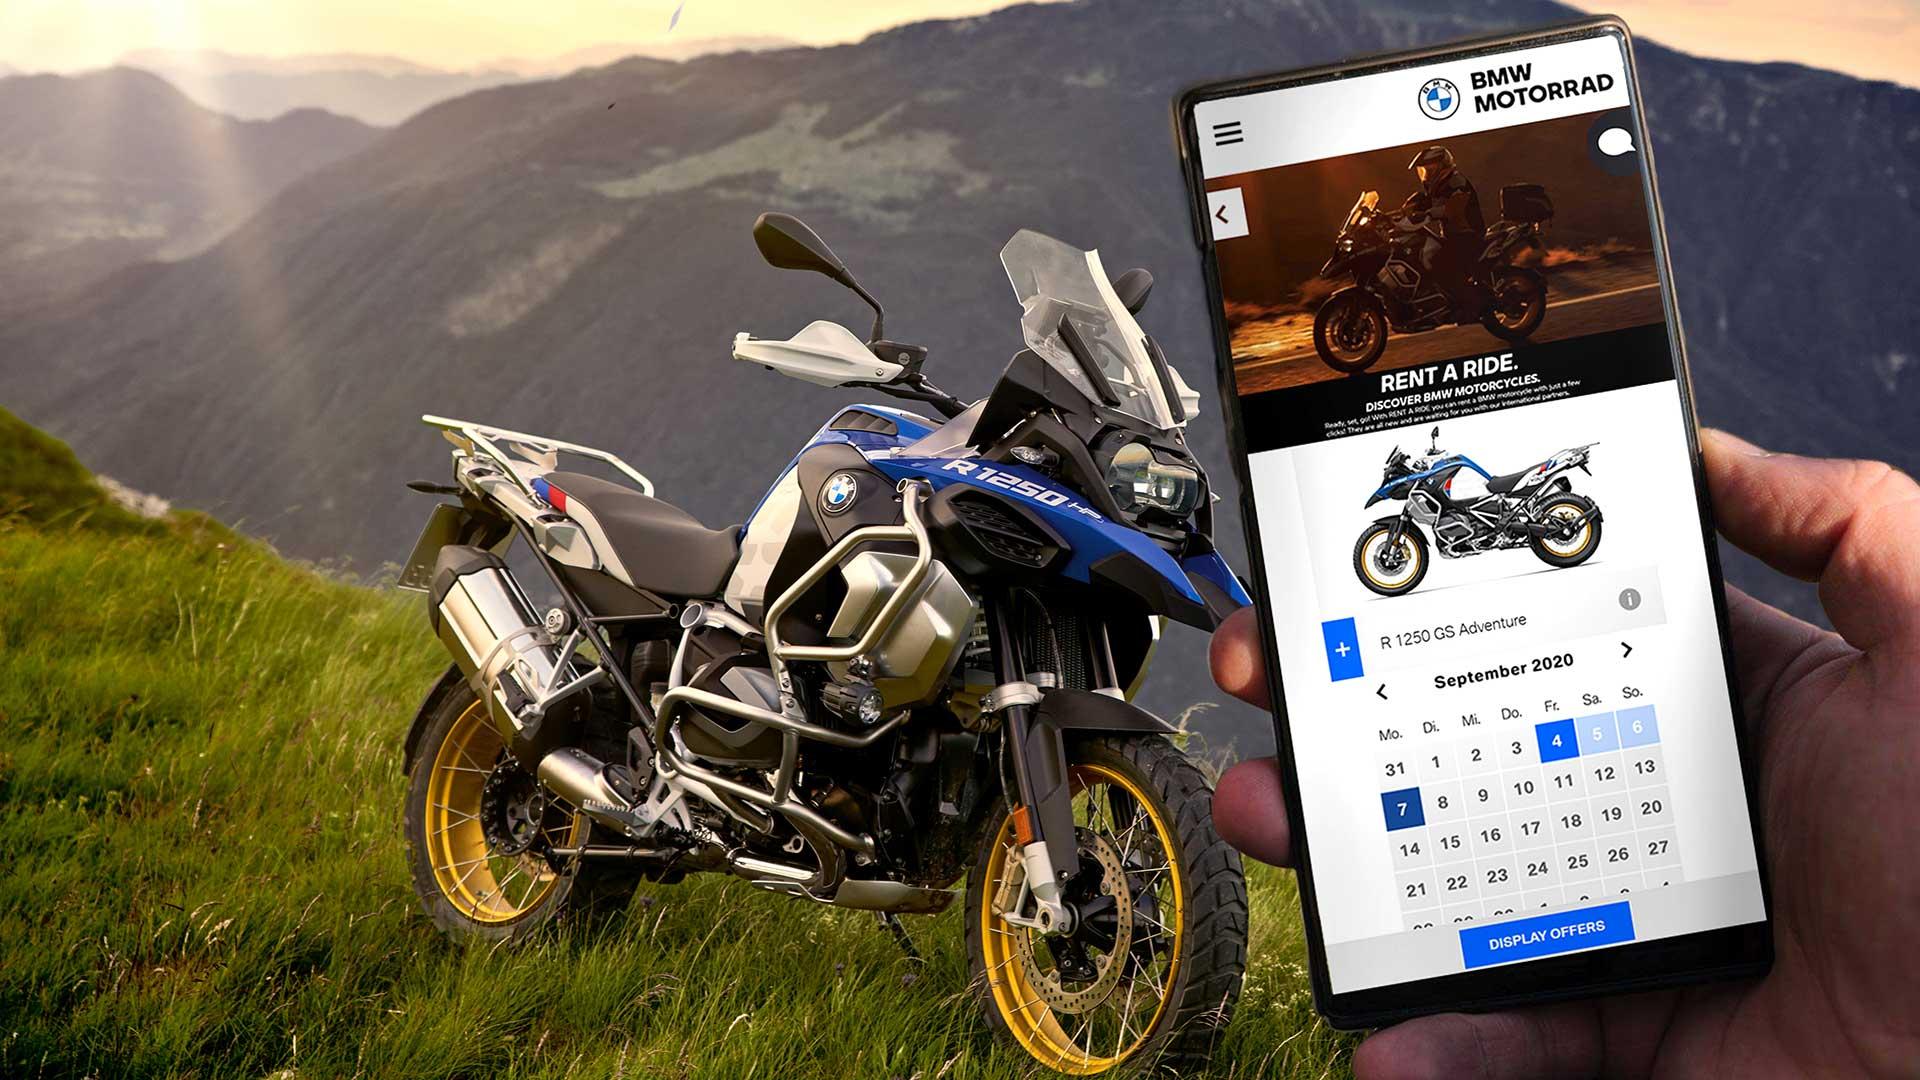 Rent a Ride: el servicio de alquiler de motos de BMW aterriza en España